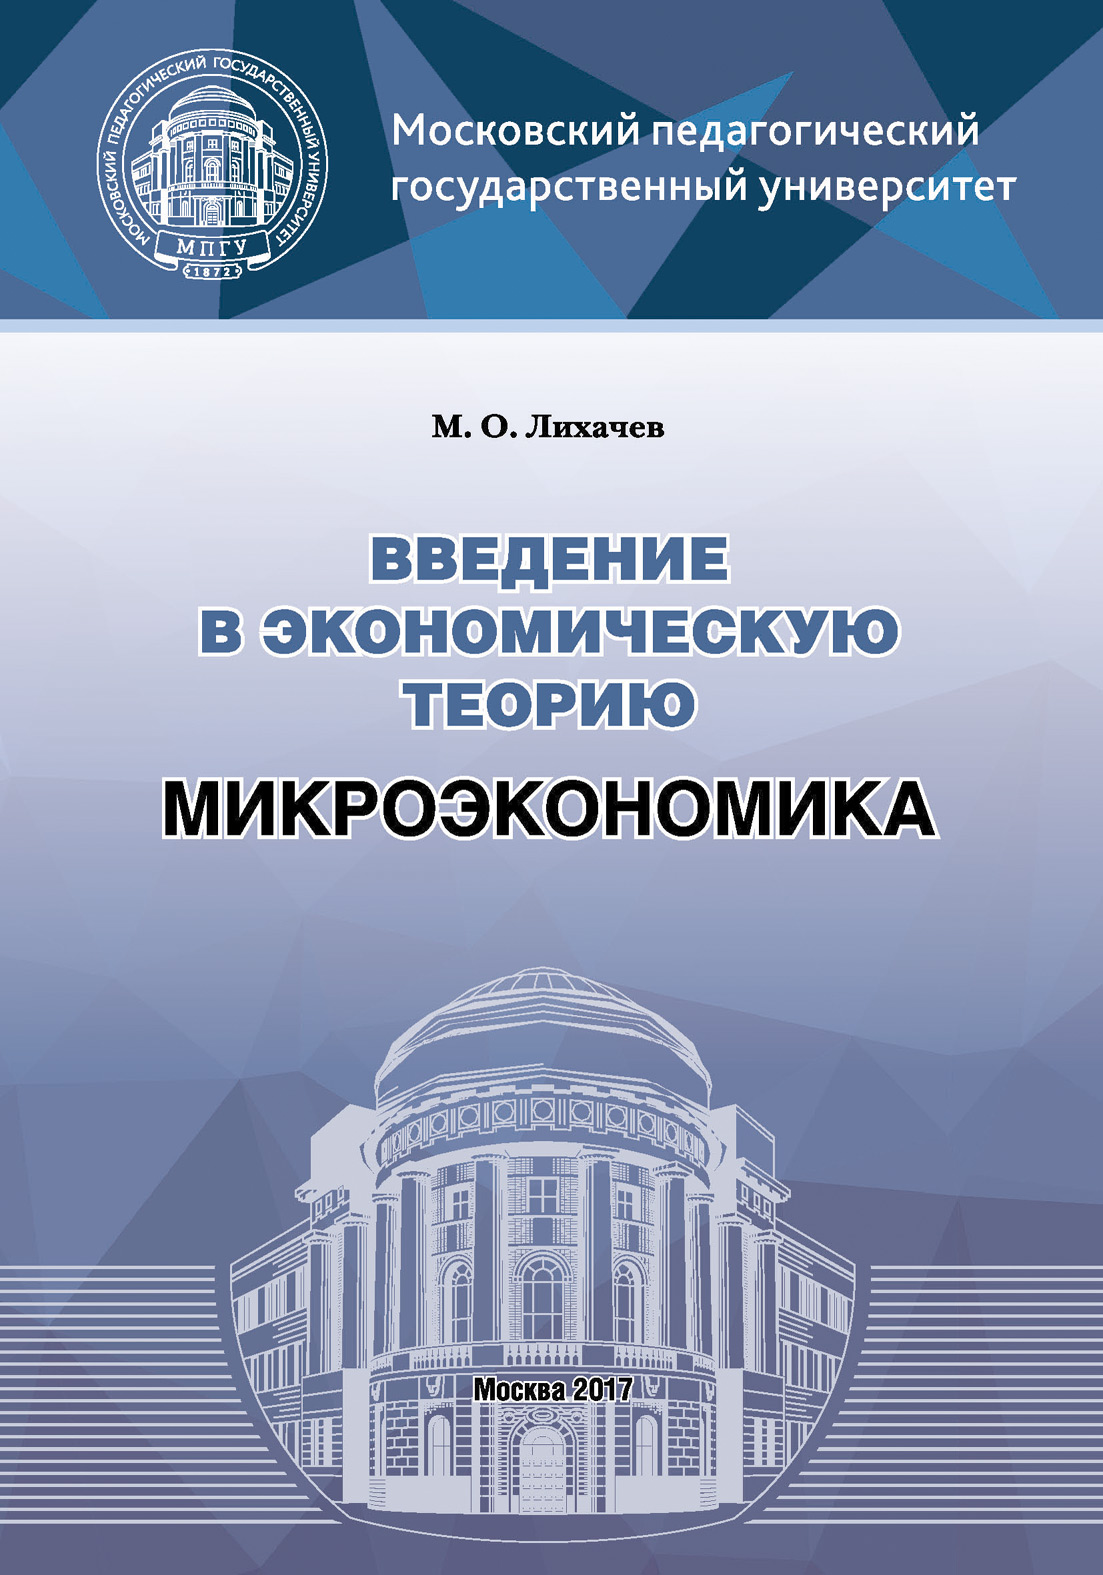 М. О. Лихачев Введение в экономическую теорию. Микроэкономика петров м философия созидания введение к теории